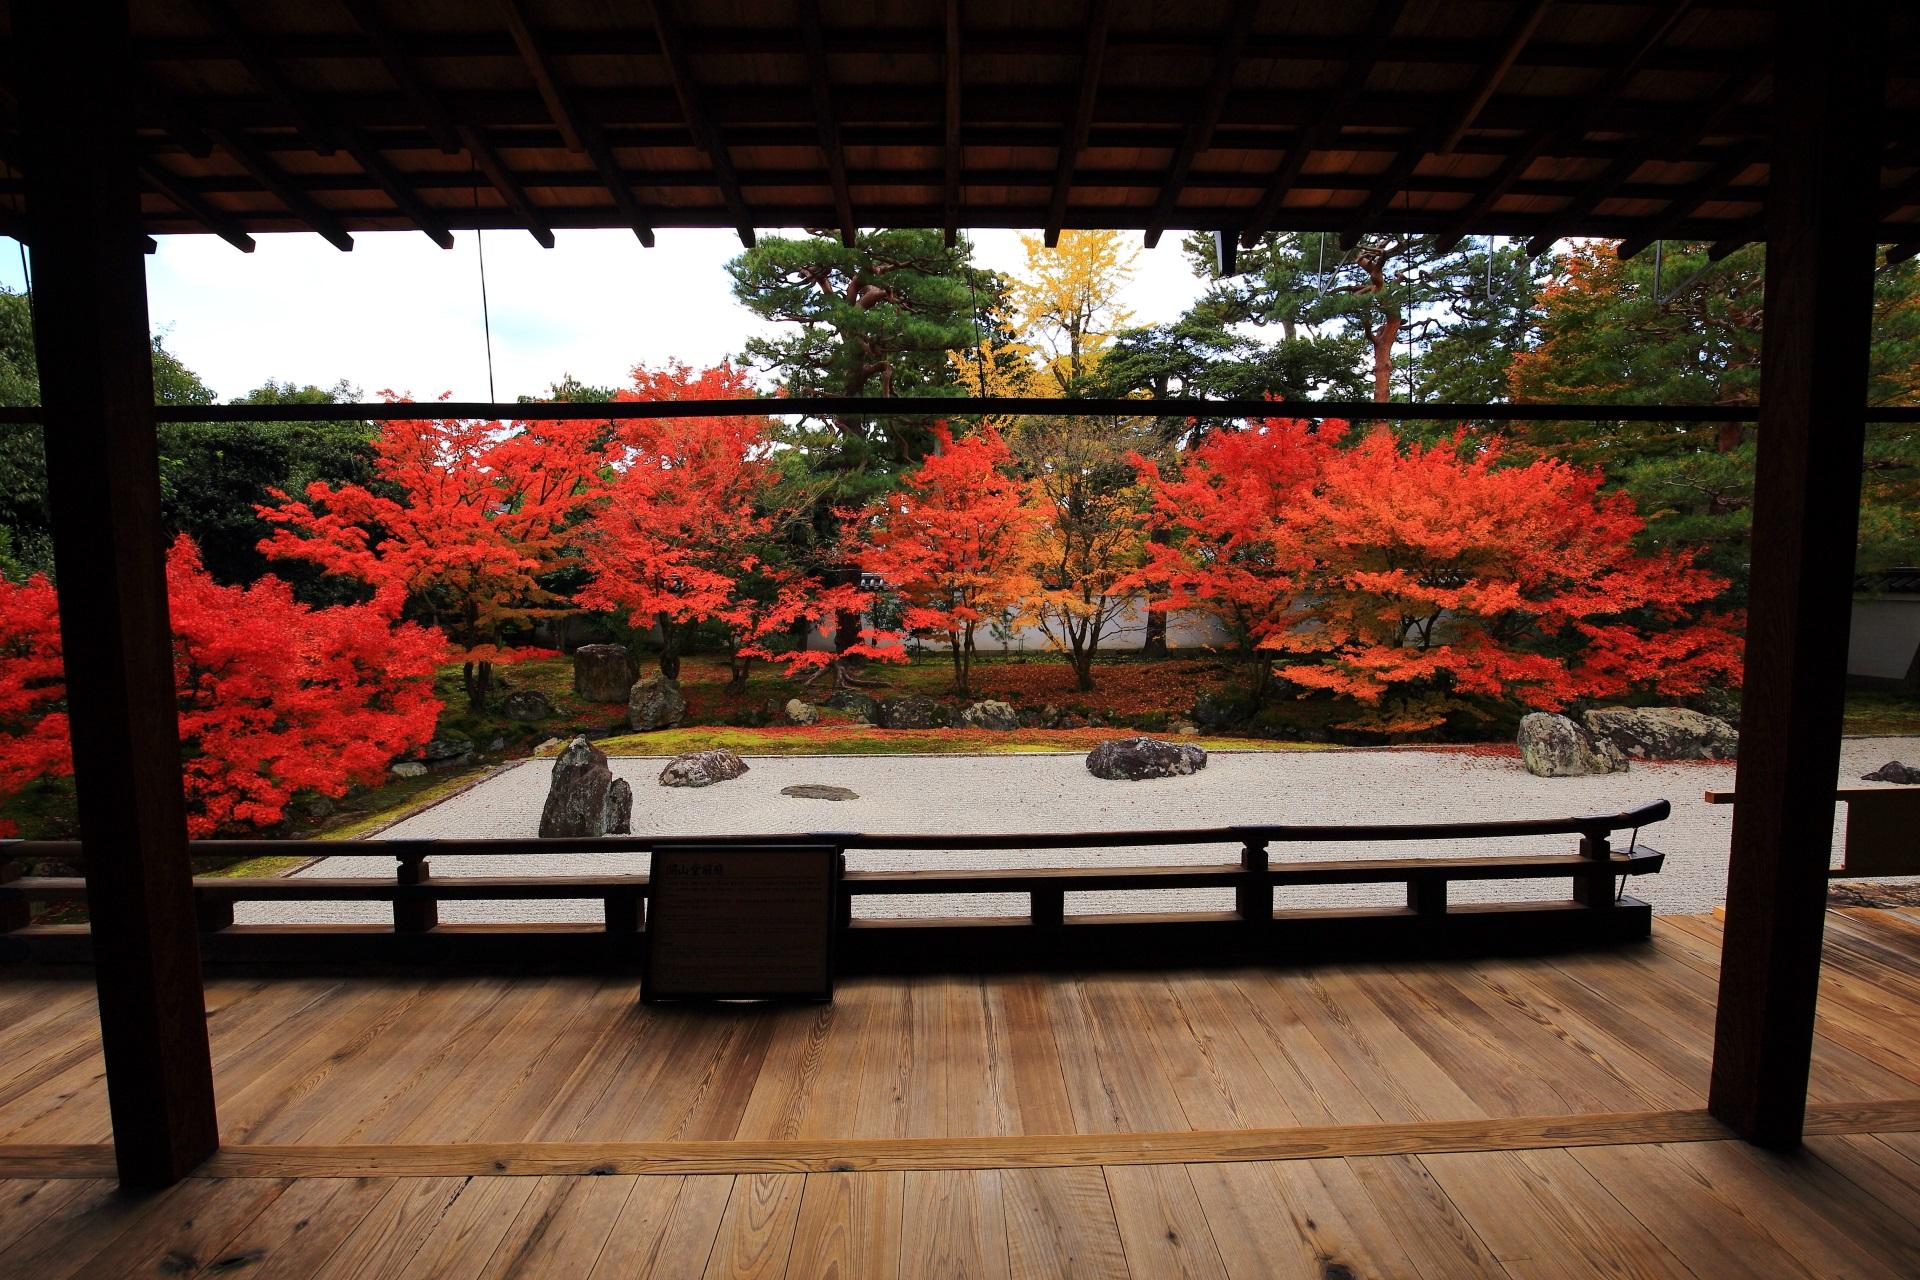 相国寺開山堂庭園の素晴らしい紅葉と秋の情景